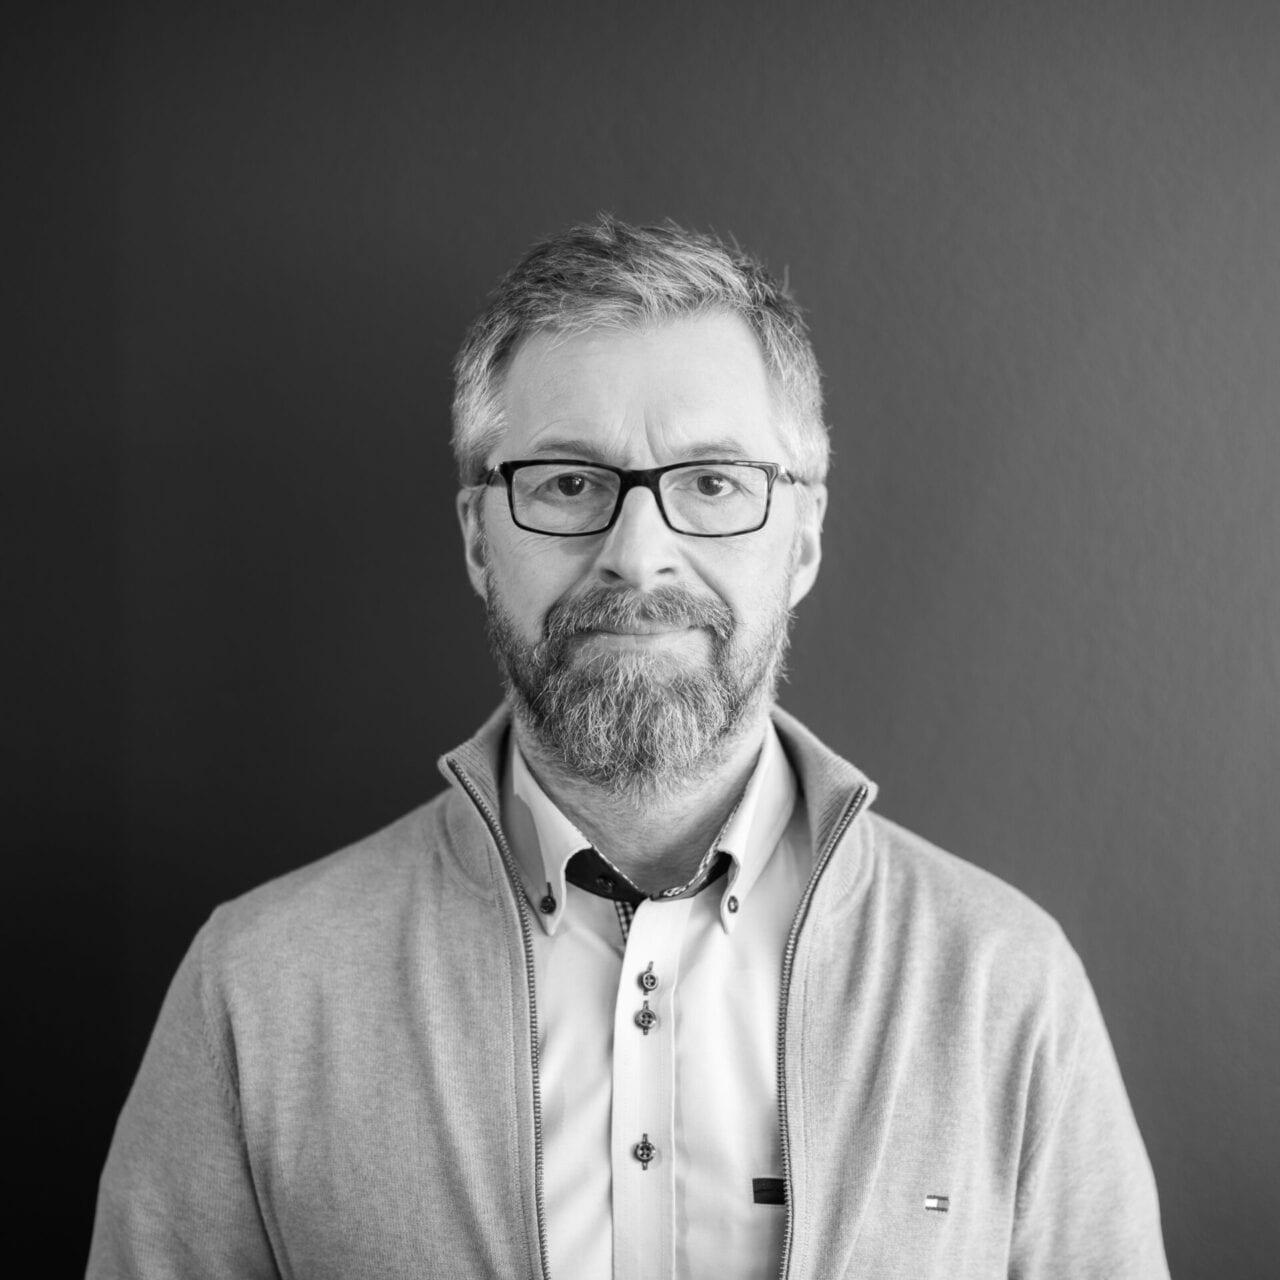 Viktor Bjarne Johnsen